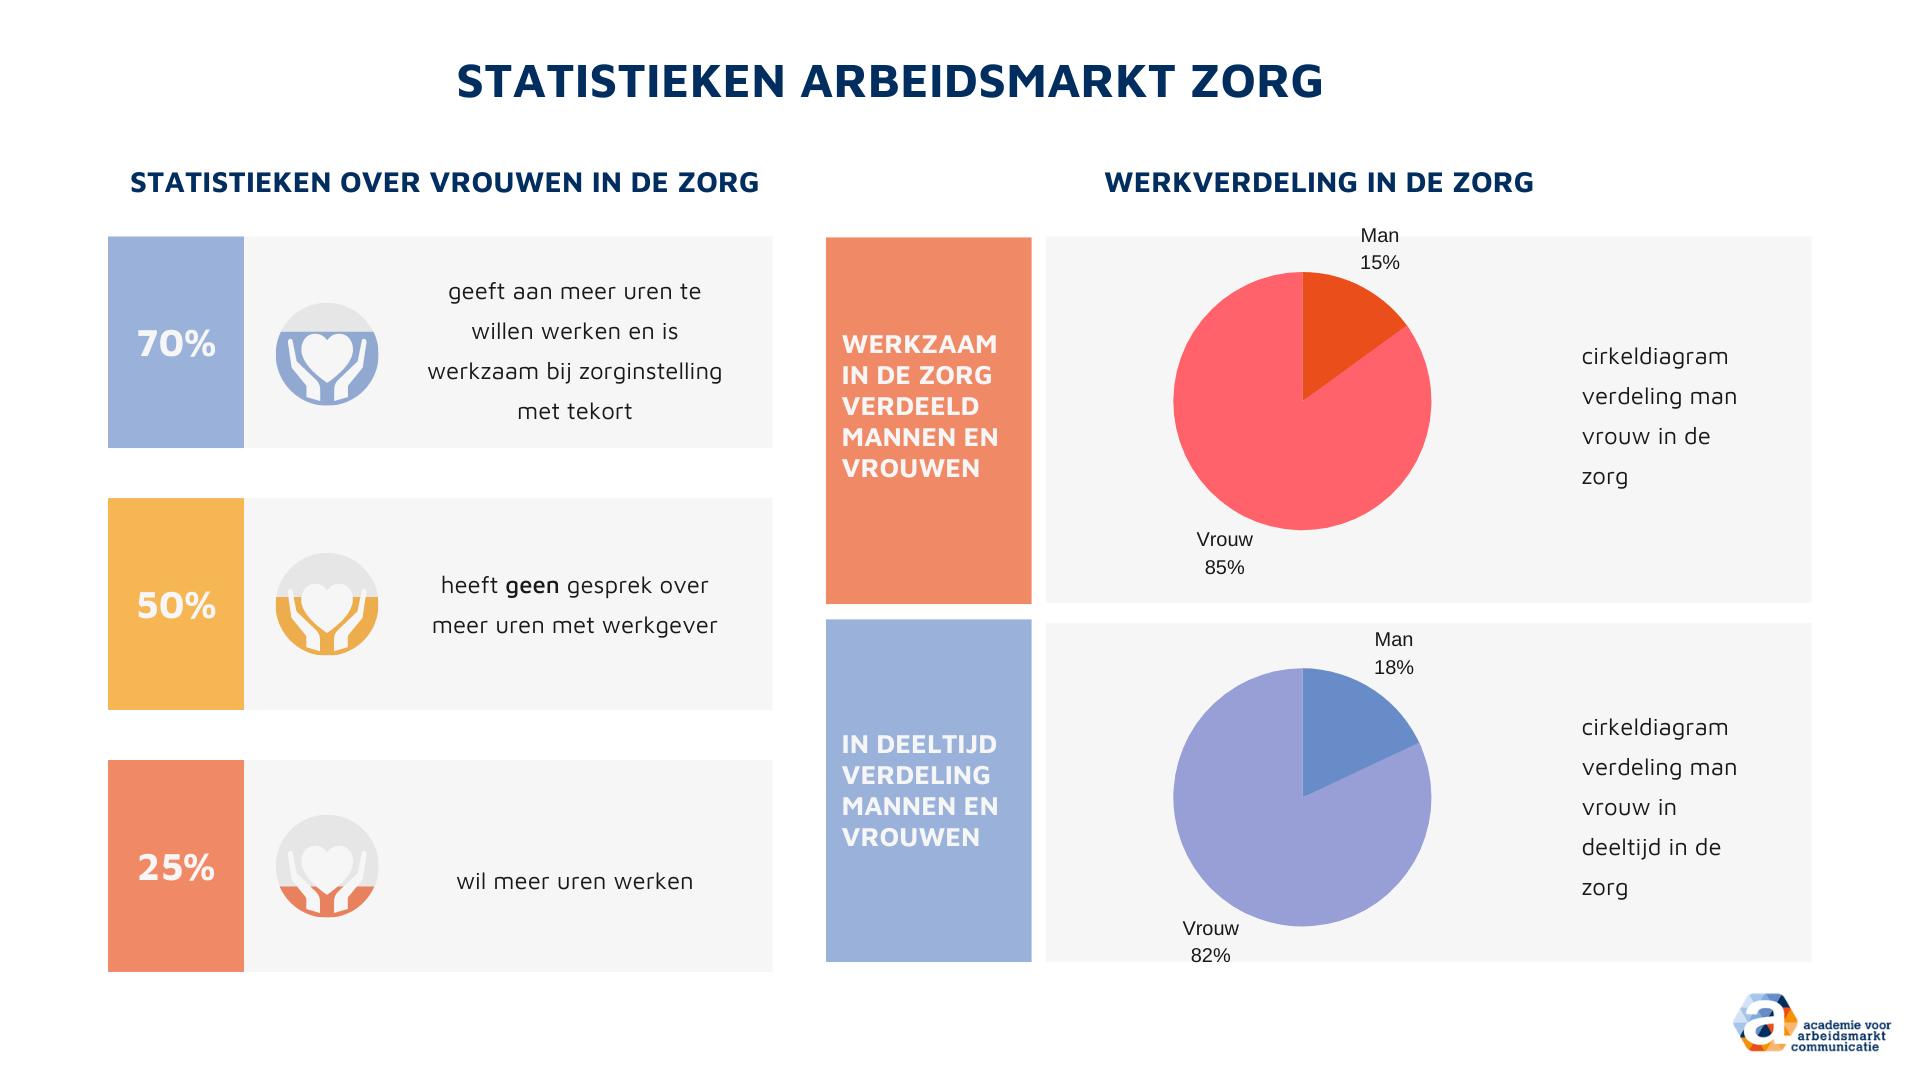 infographic beter werven in de zorg